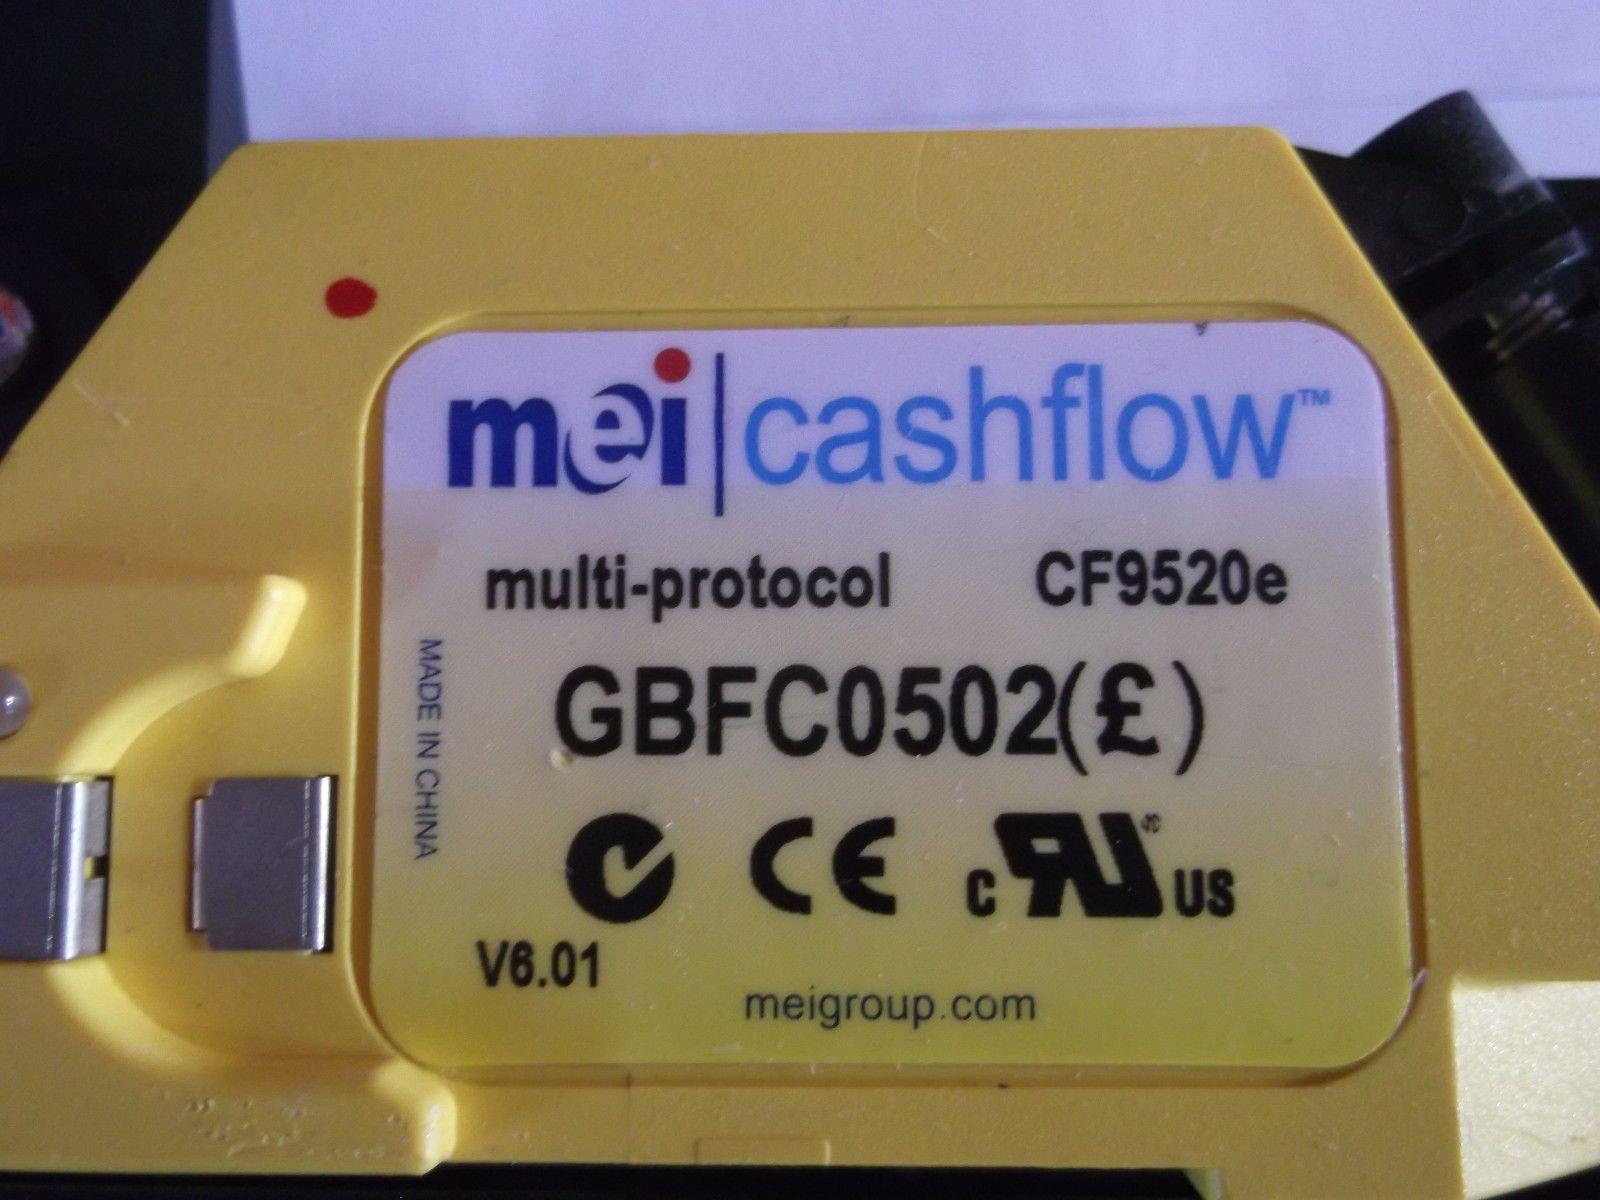 NEW £1 COIN READY MEI CASHFLOW COIN MECHANISM CF9520e (GBFC0502)